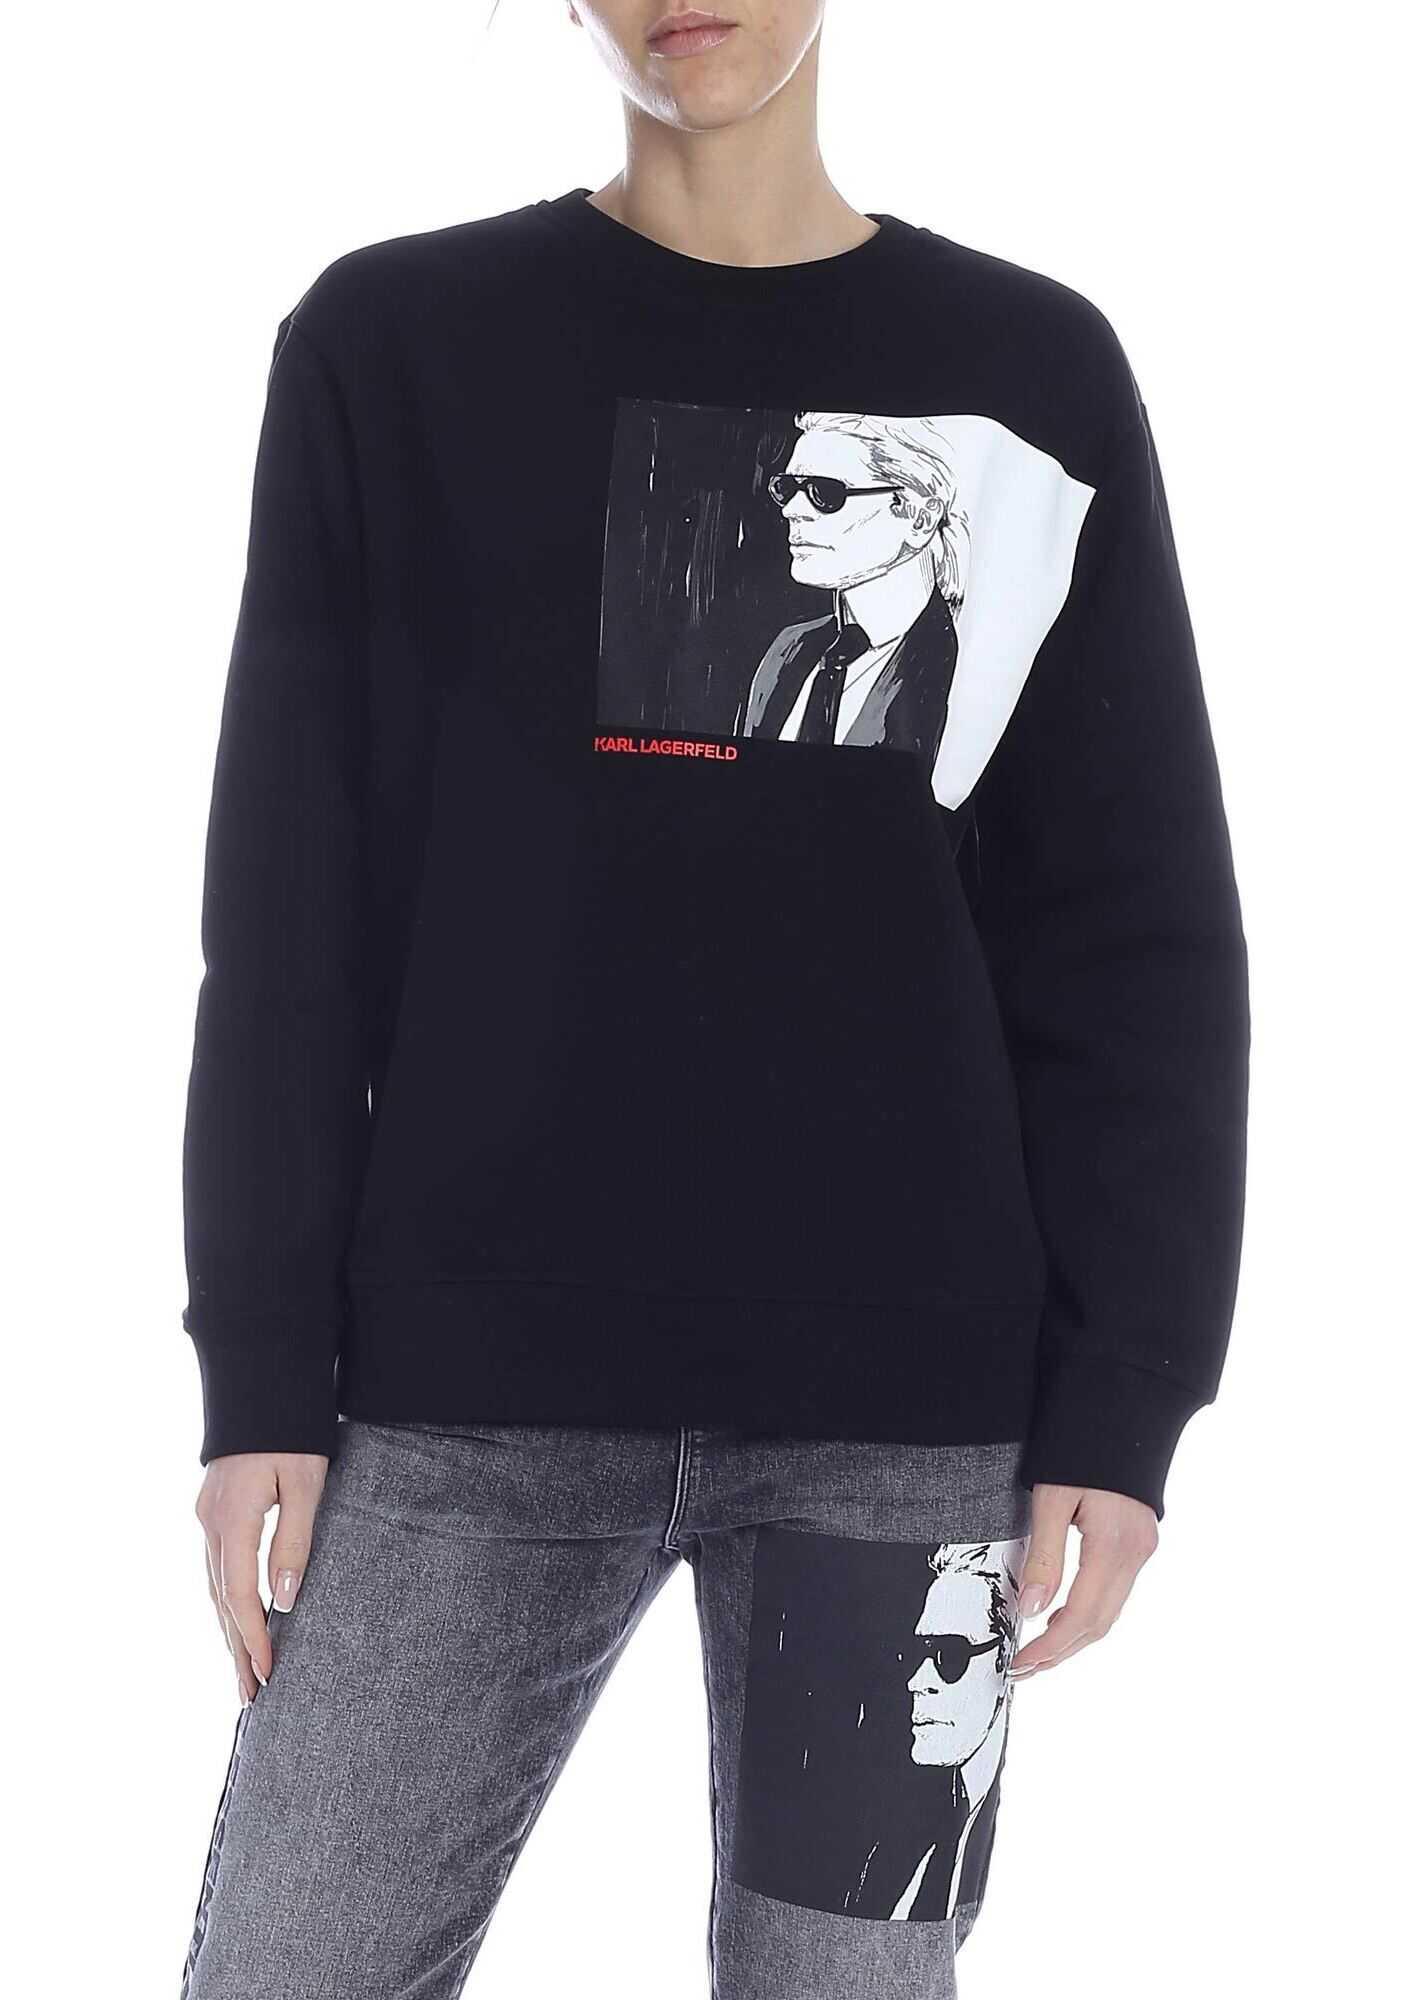 Karl Lagerfeld Karl Legend Sweatshirt In Black Black